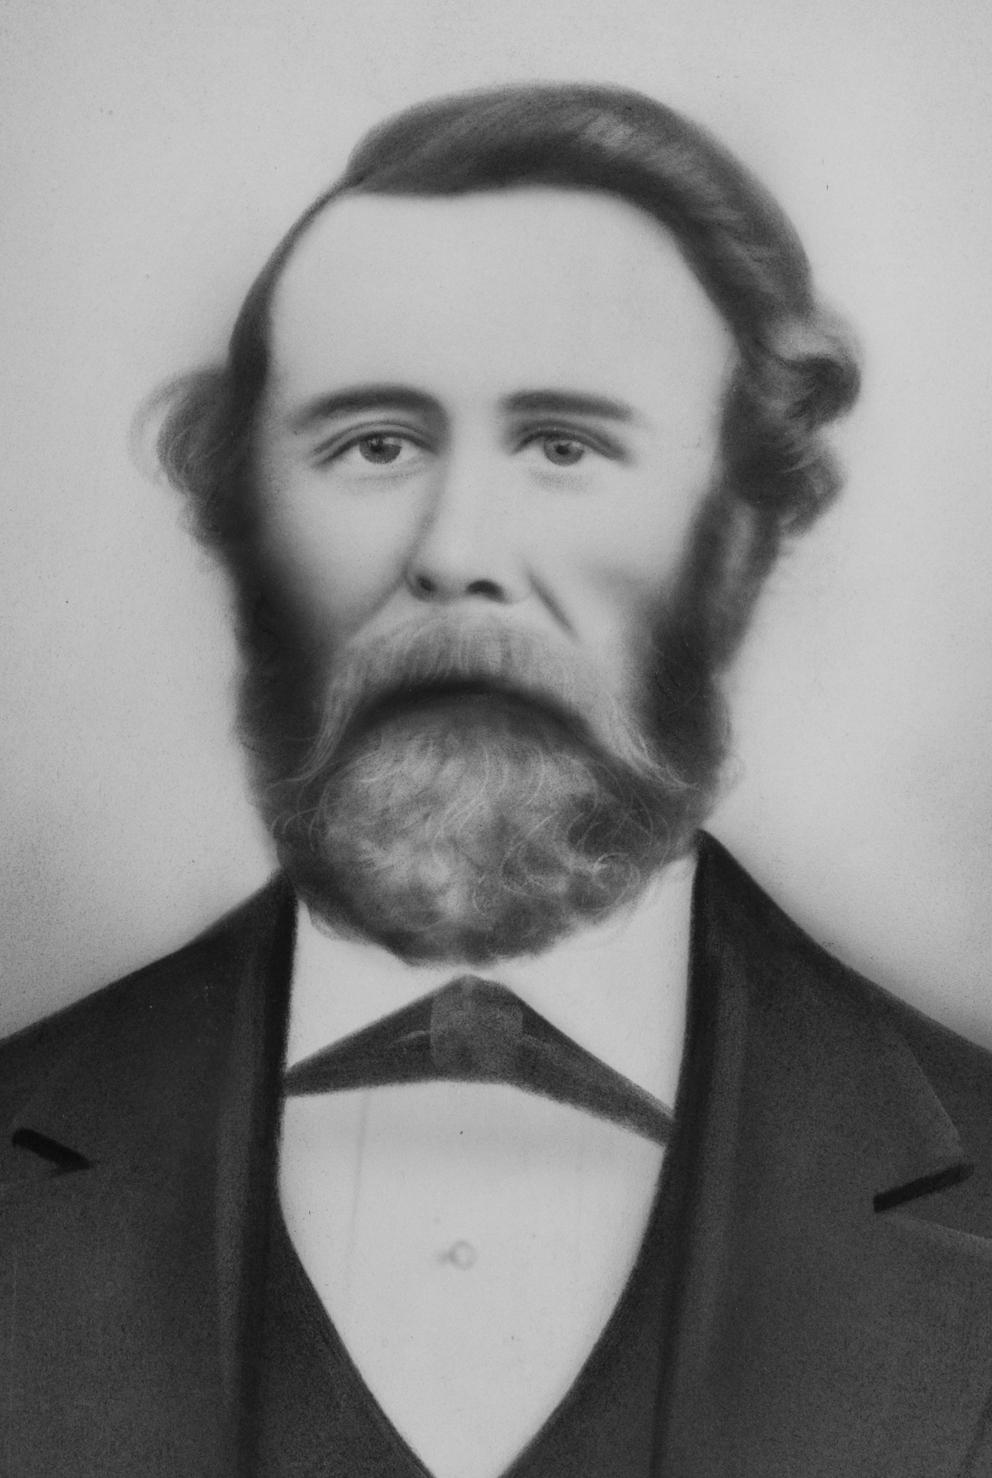 Hulse, Charles W